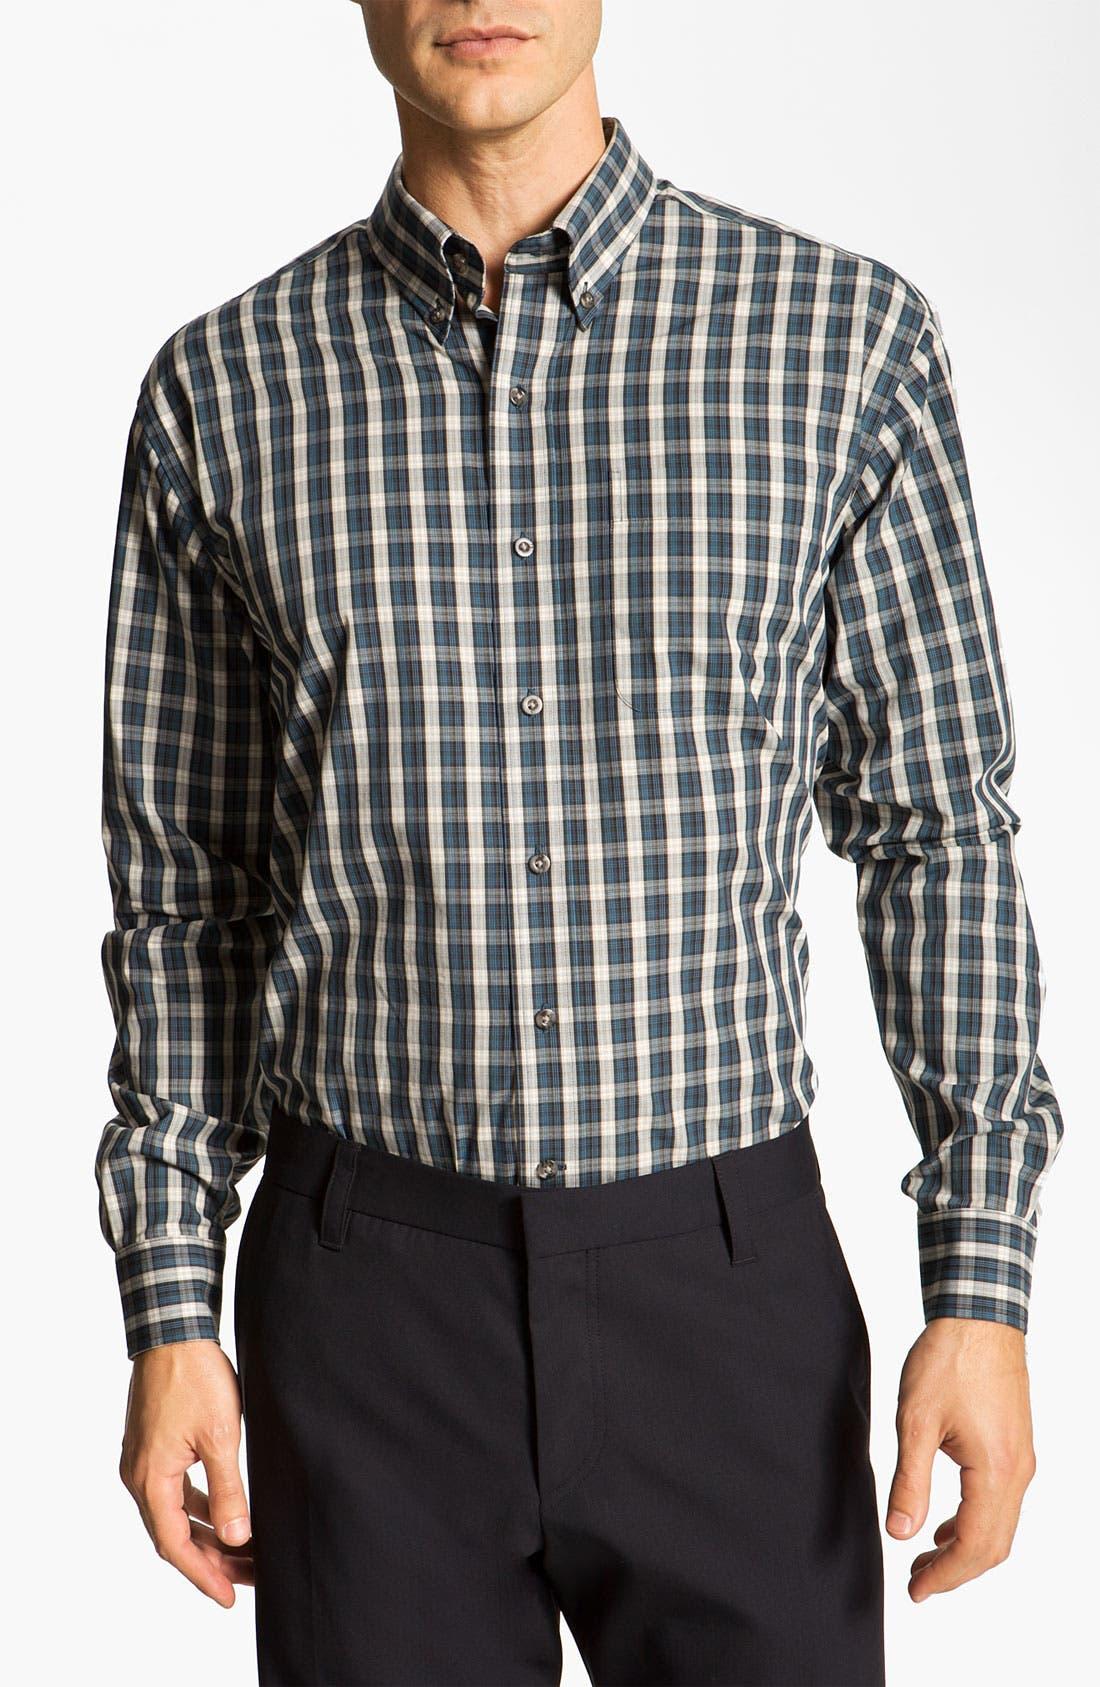 Alternate Image 1 Selected - Cutter & Buck 'Marblemount' Plaid Sport Shirt